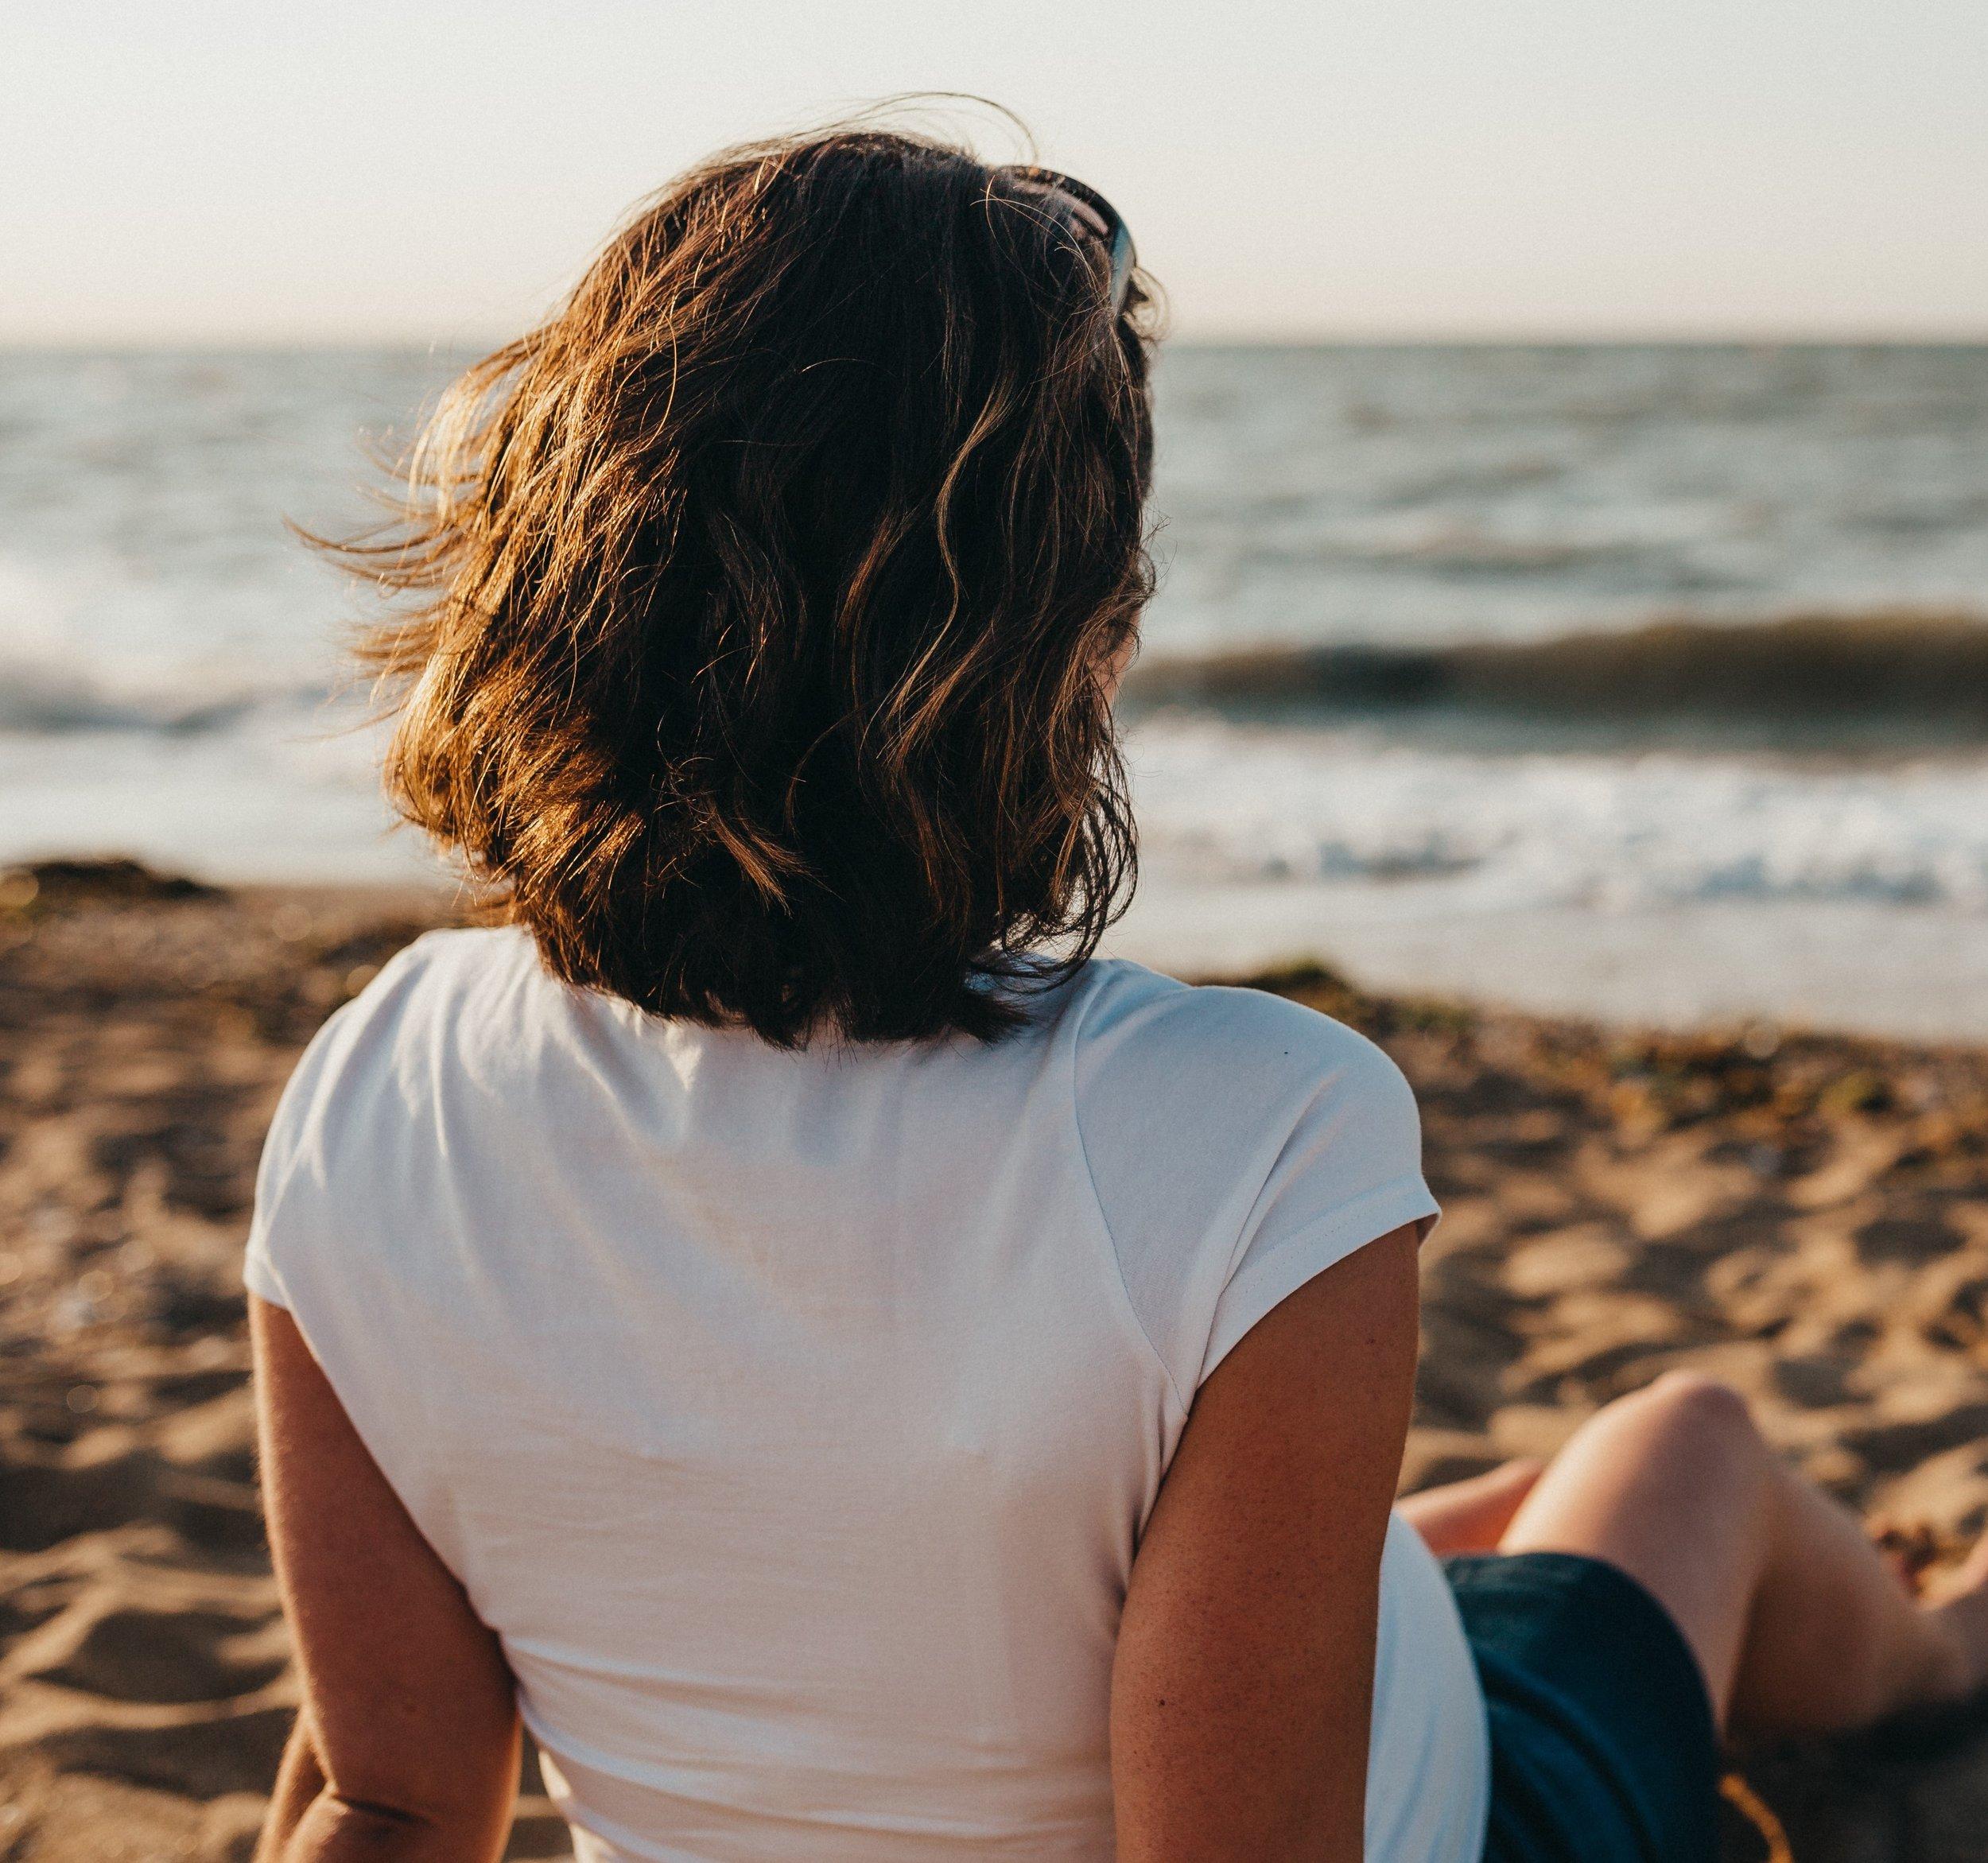 woman sitting on beach watching water xavier-mouton-photographie-2D5sGnLDfYk-unsplash.jpg